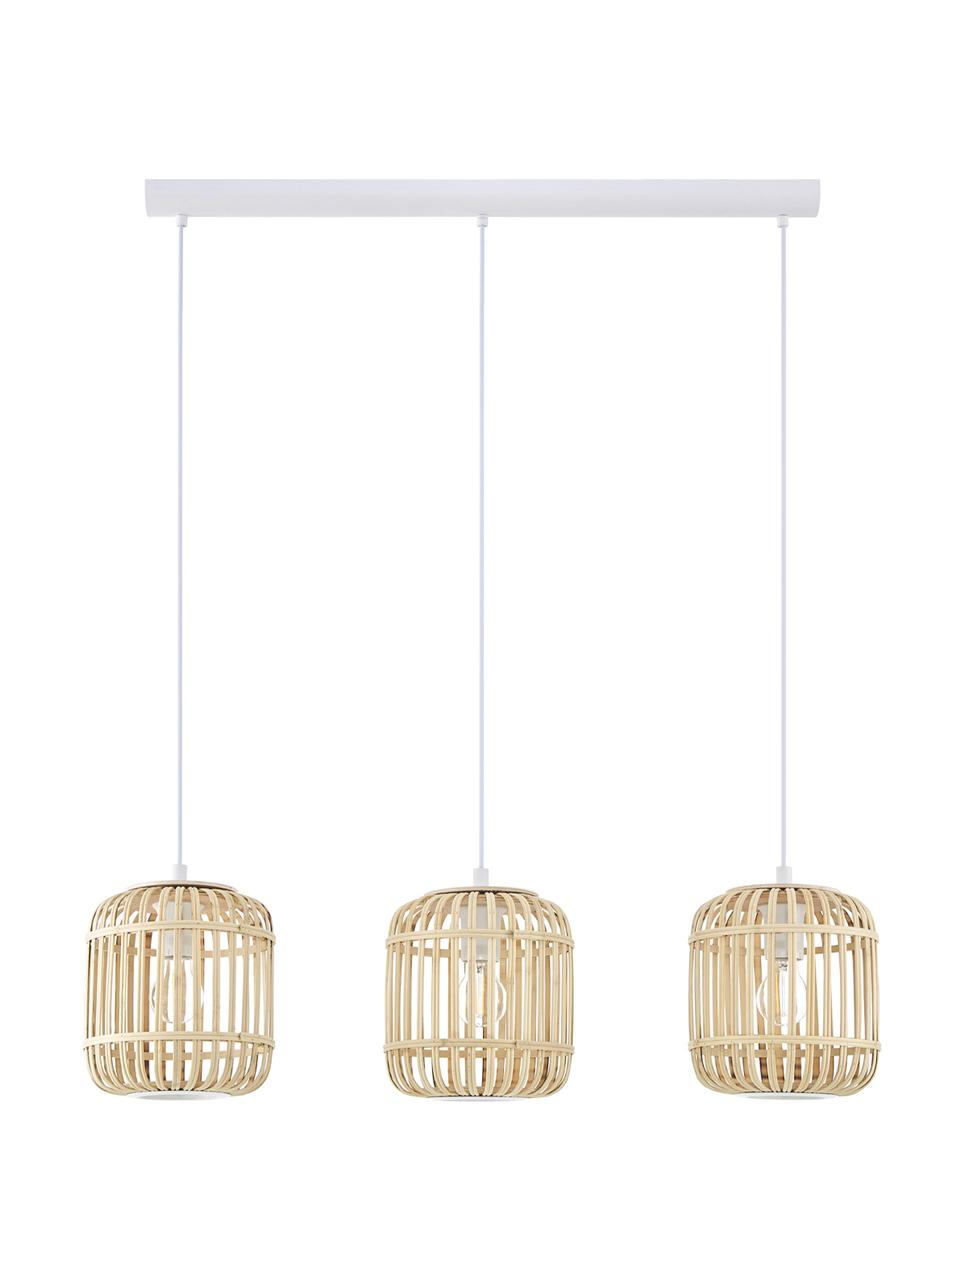 Pendelleuchte Adam aus Bambus, Lampenschirm: Bambus, Holz, Baldachin: Metall, pulverbeschichtet, Weiß, Beige, 78 x 24 cm